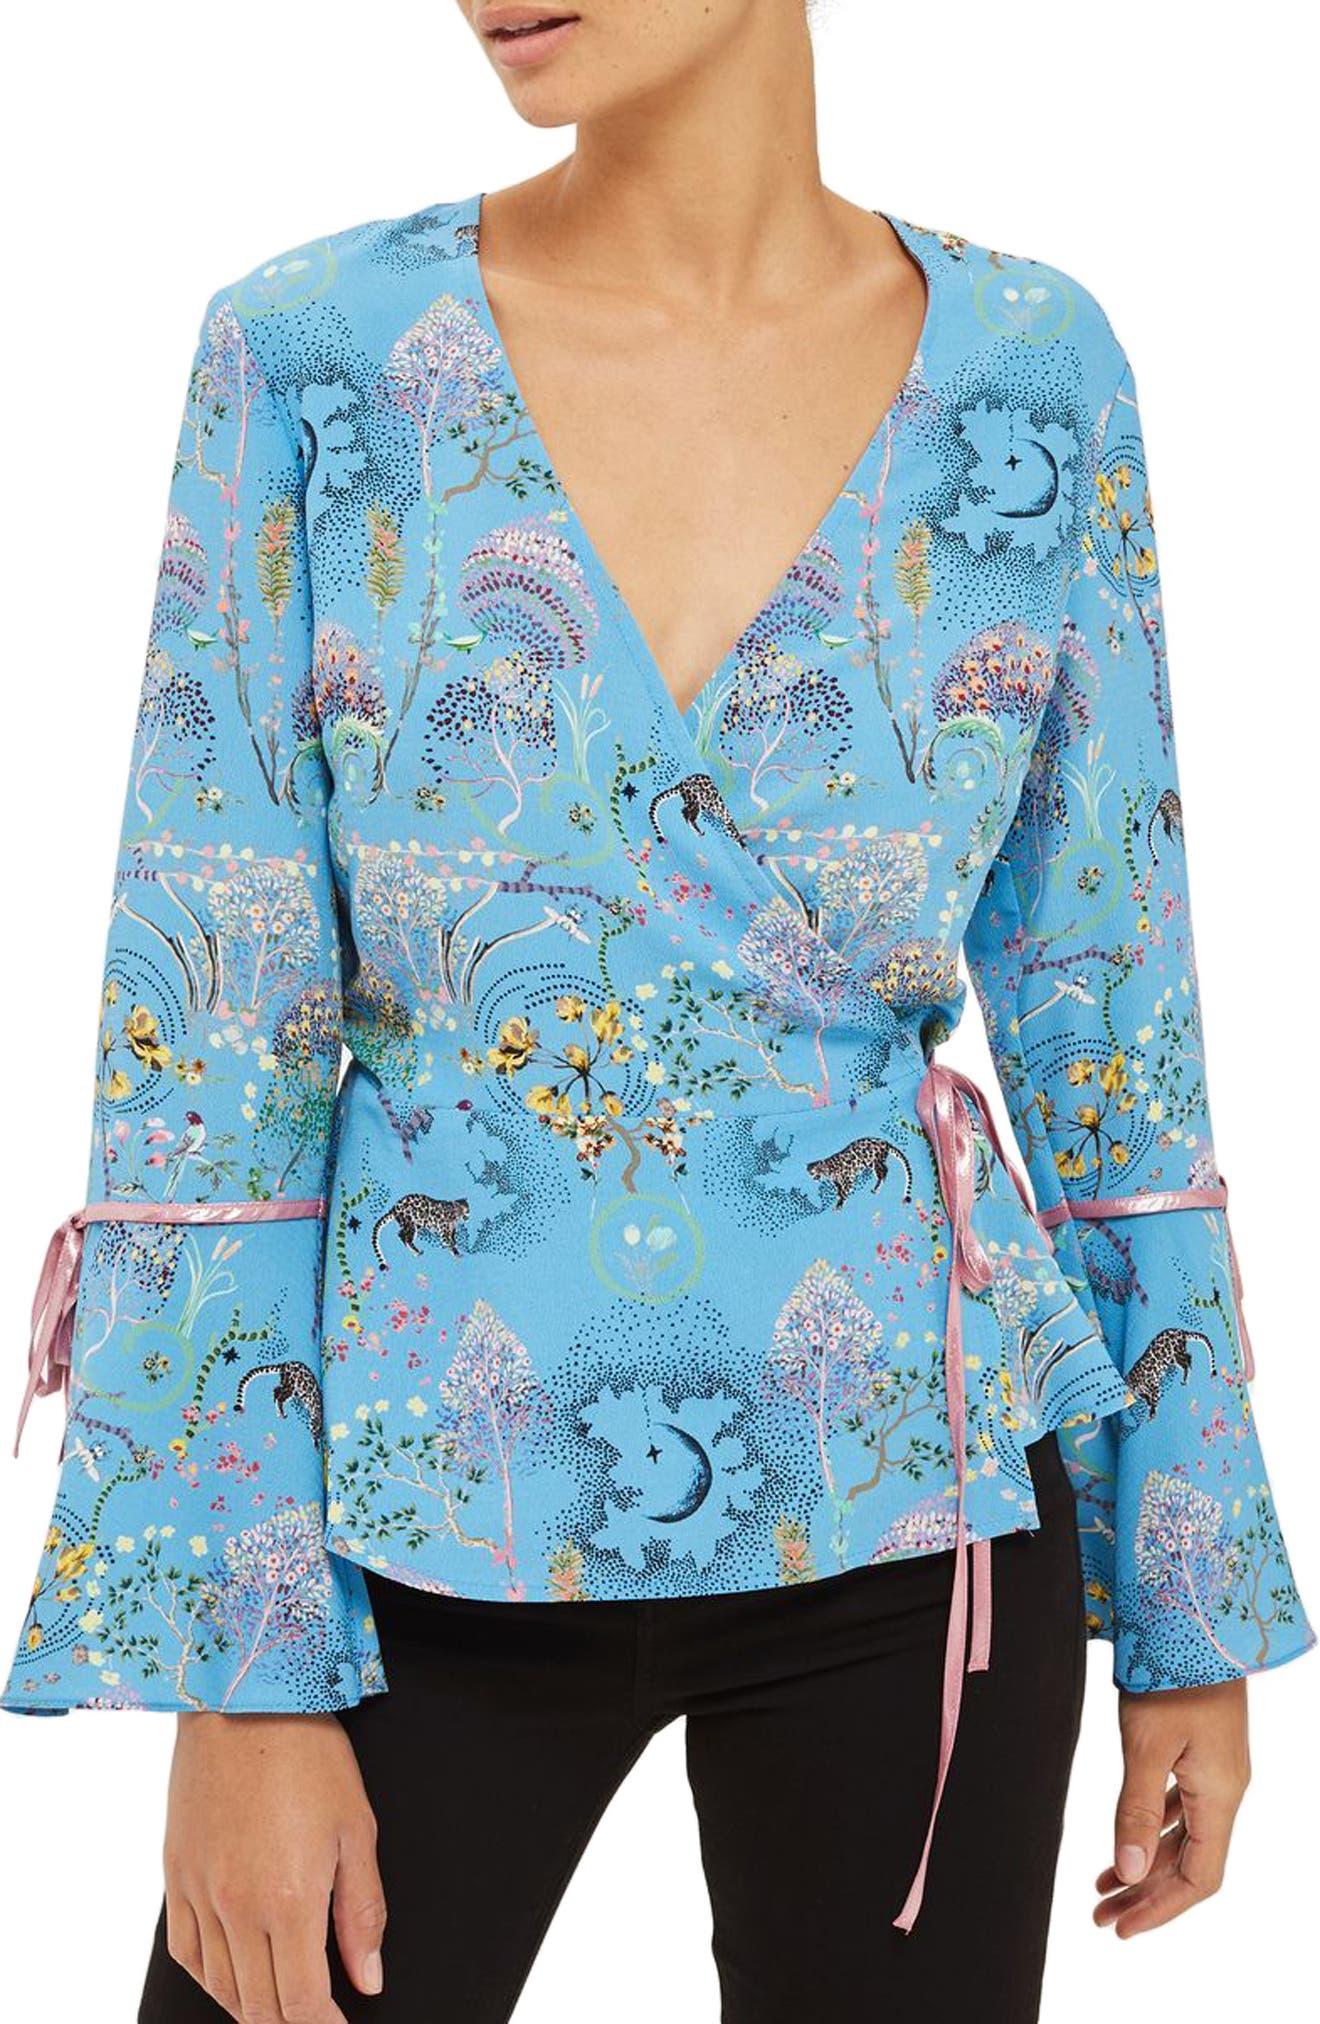 Magical Leopard Print Wrap Blouse,                         Main,                         color, Blue Multi